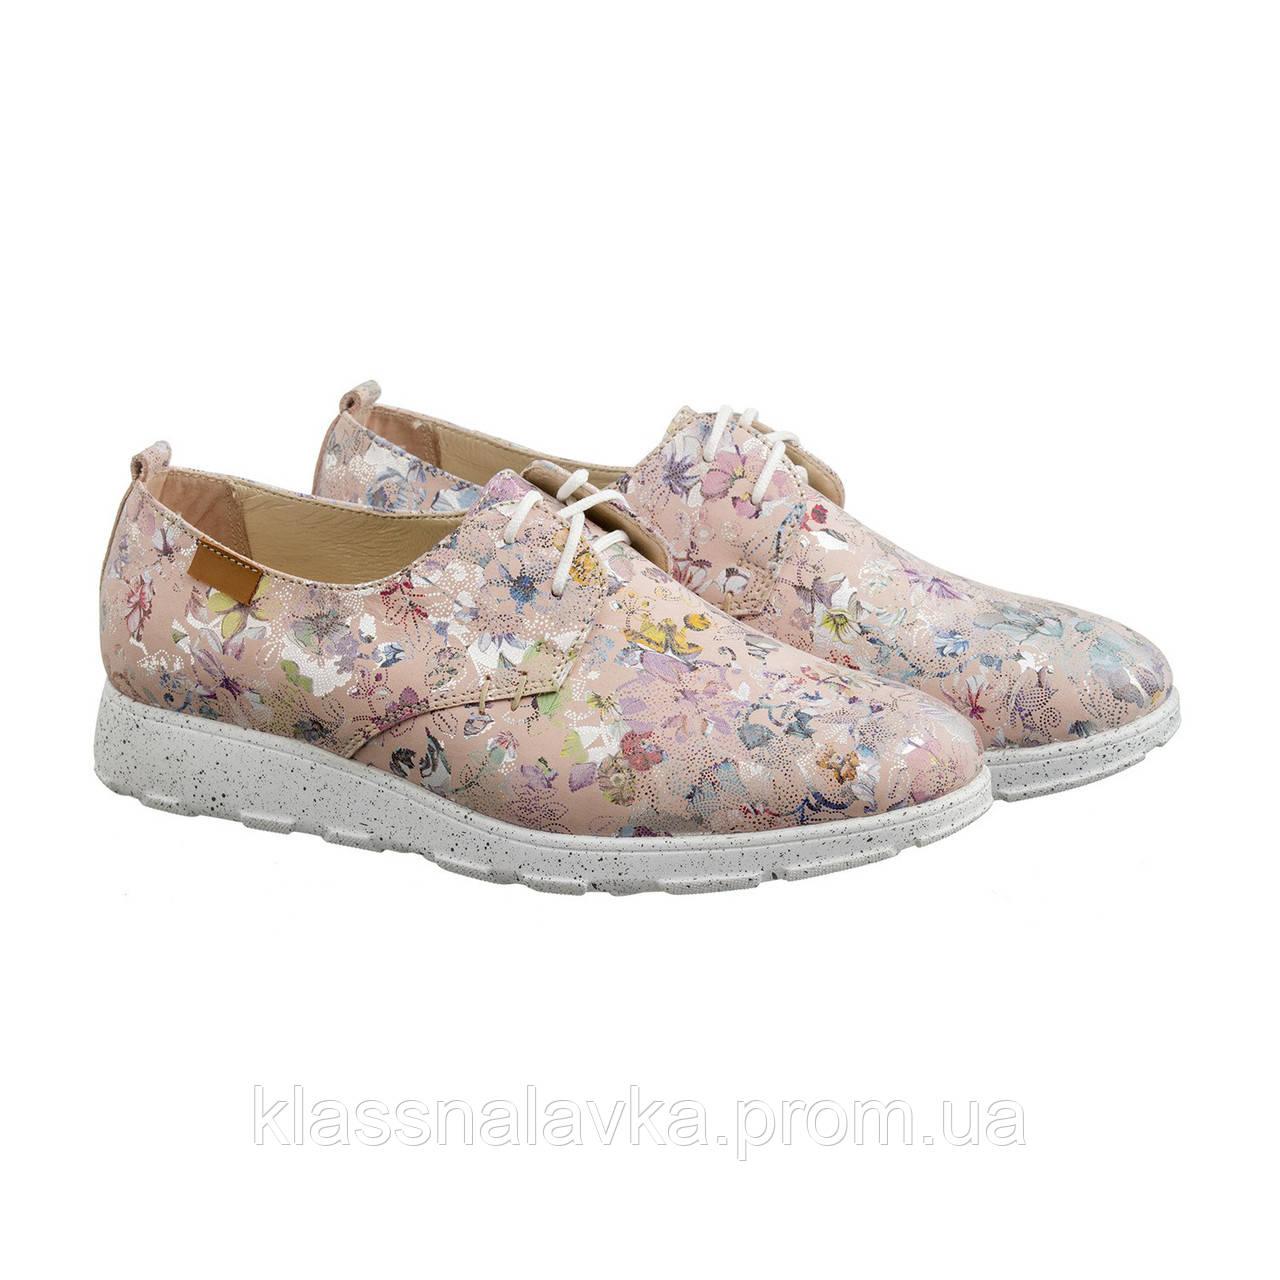 977ccfe9 VM-Villomi Розовые кроссовки из натуральной кожи в цветочек: продажа ...